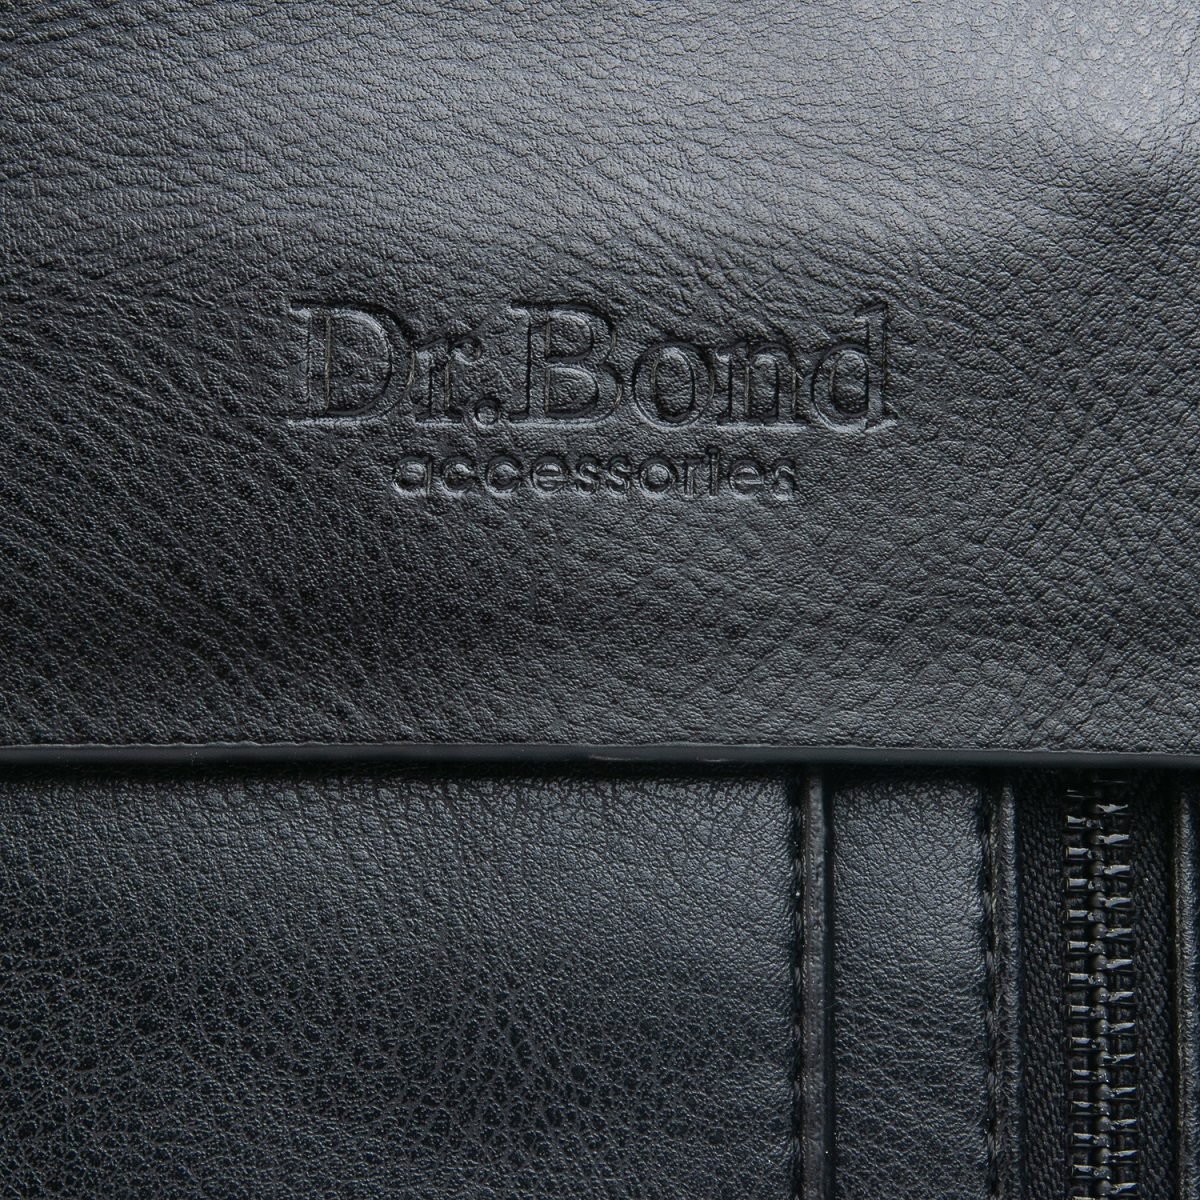 Сумка Мужская Планшет иск-кожа DR. BOND GL 318-2 black - фото 3